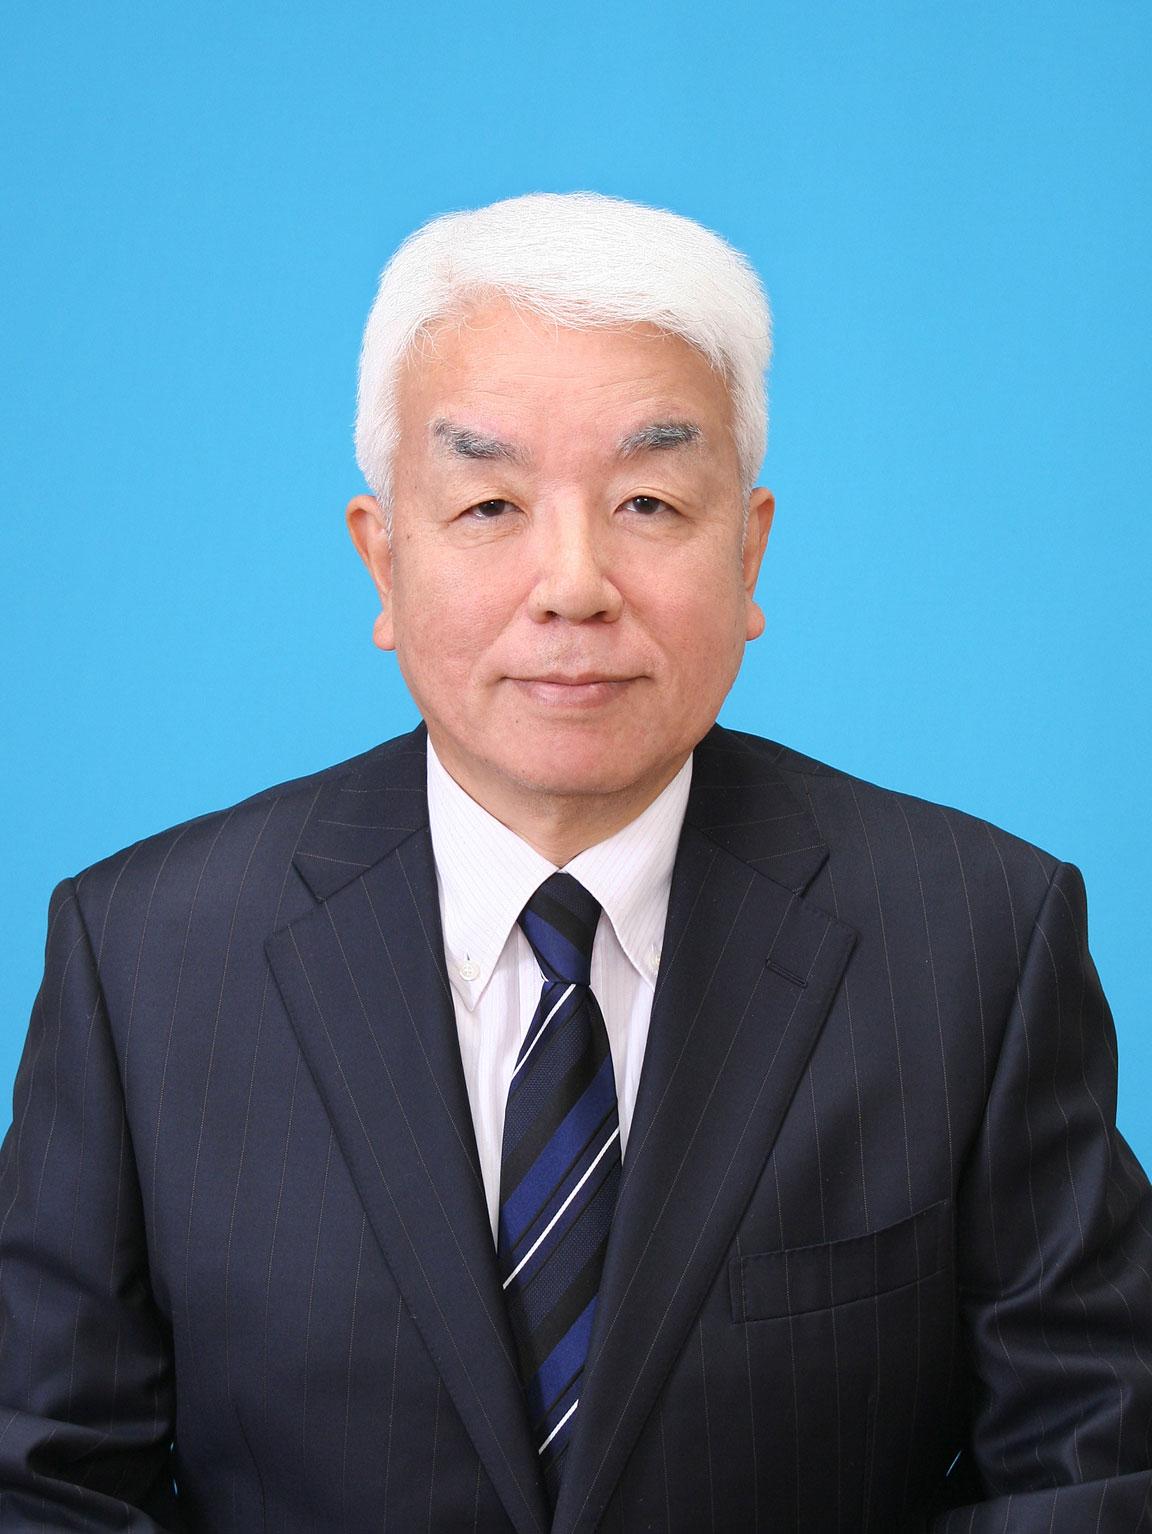 kaicho-photo